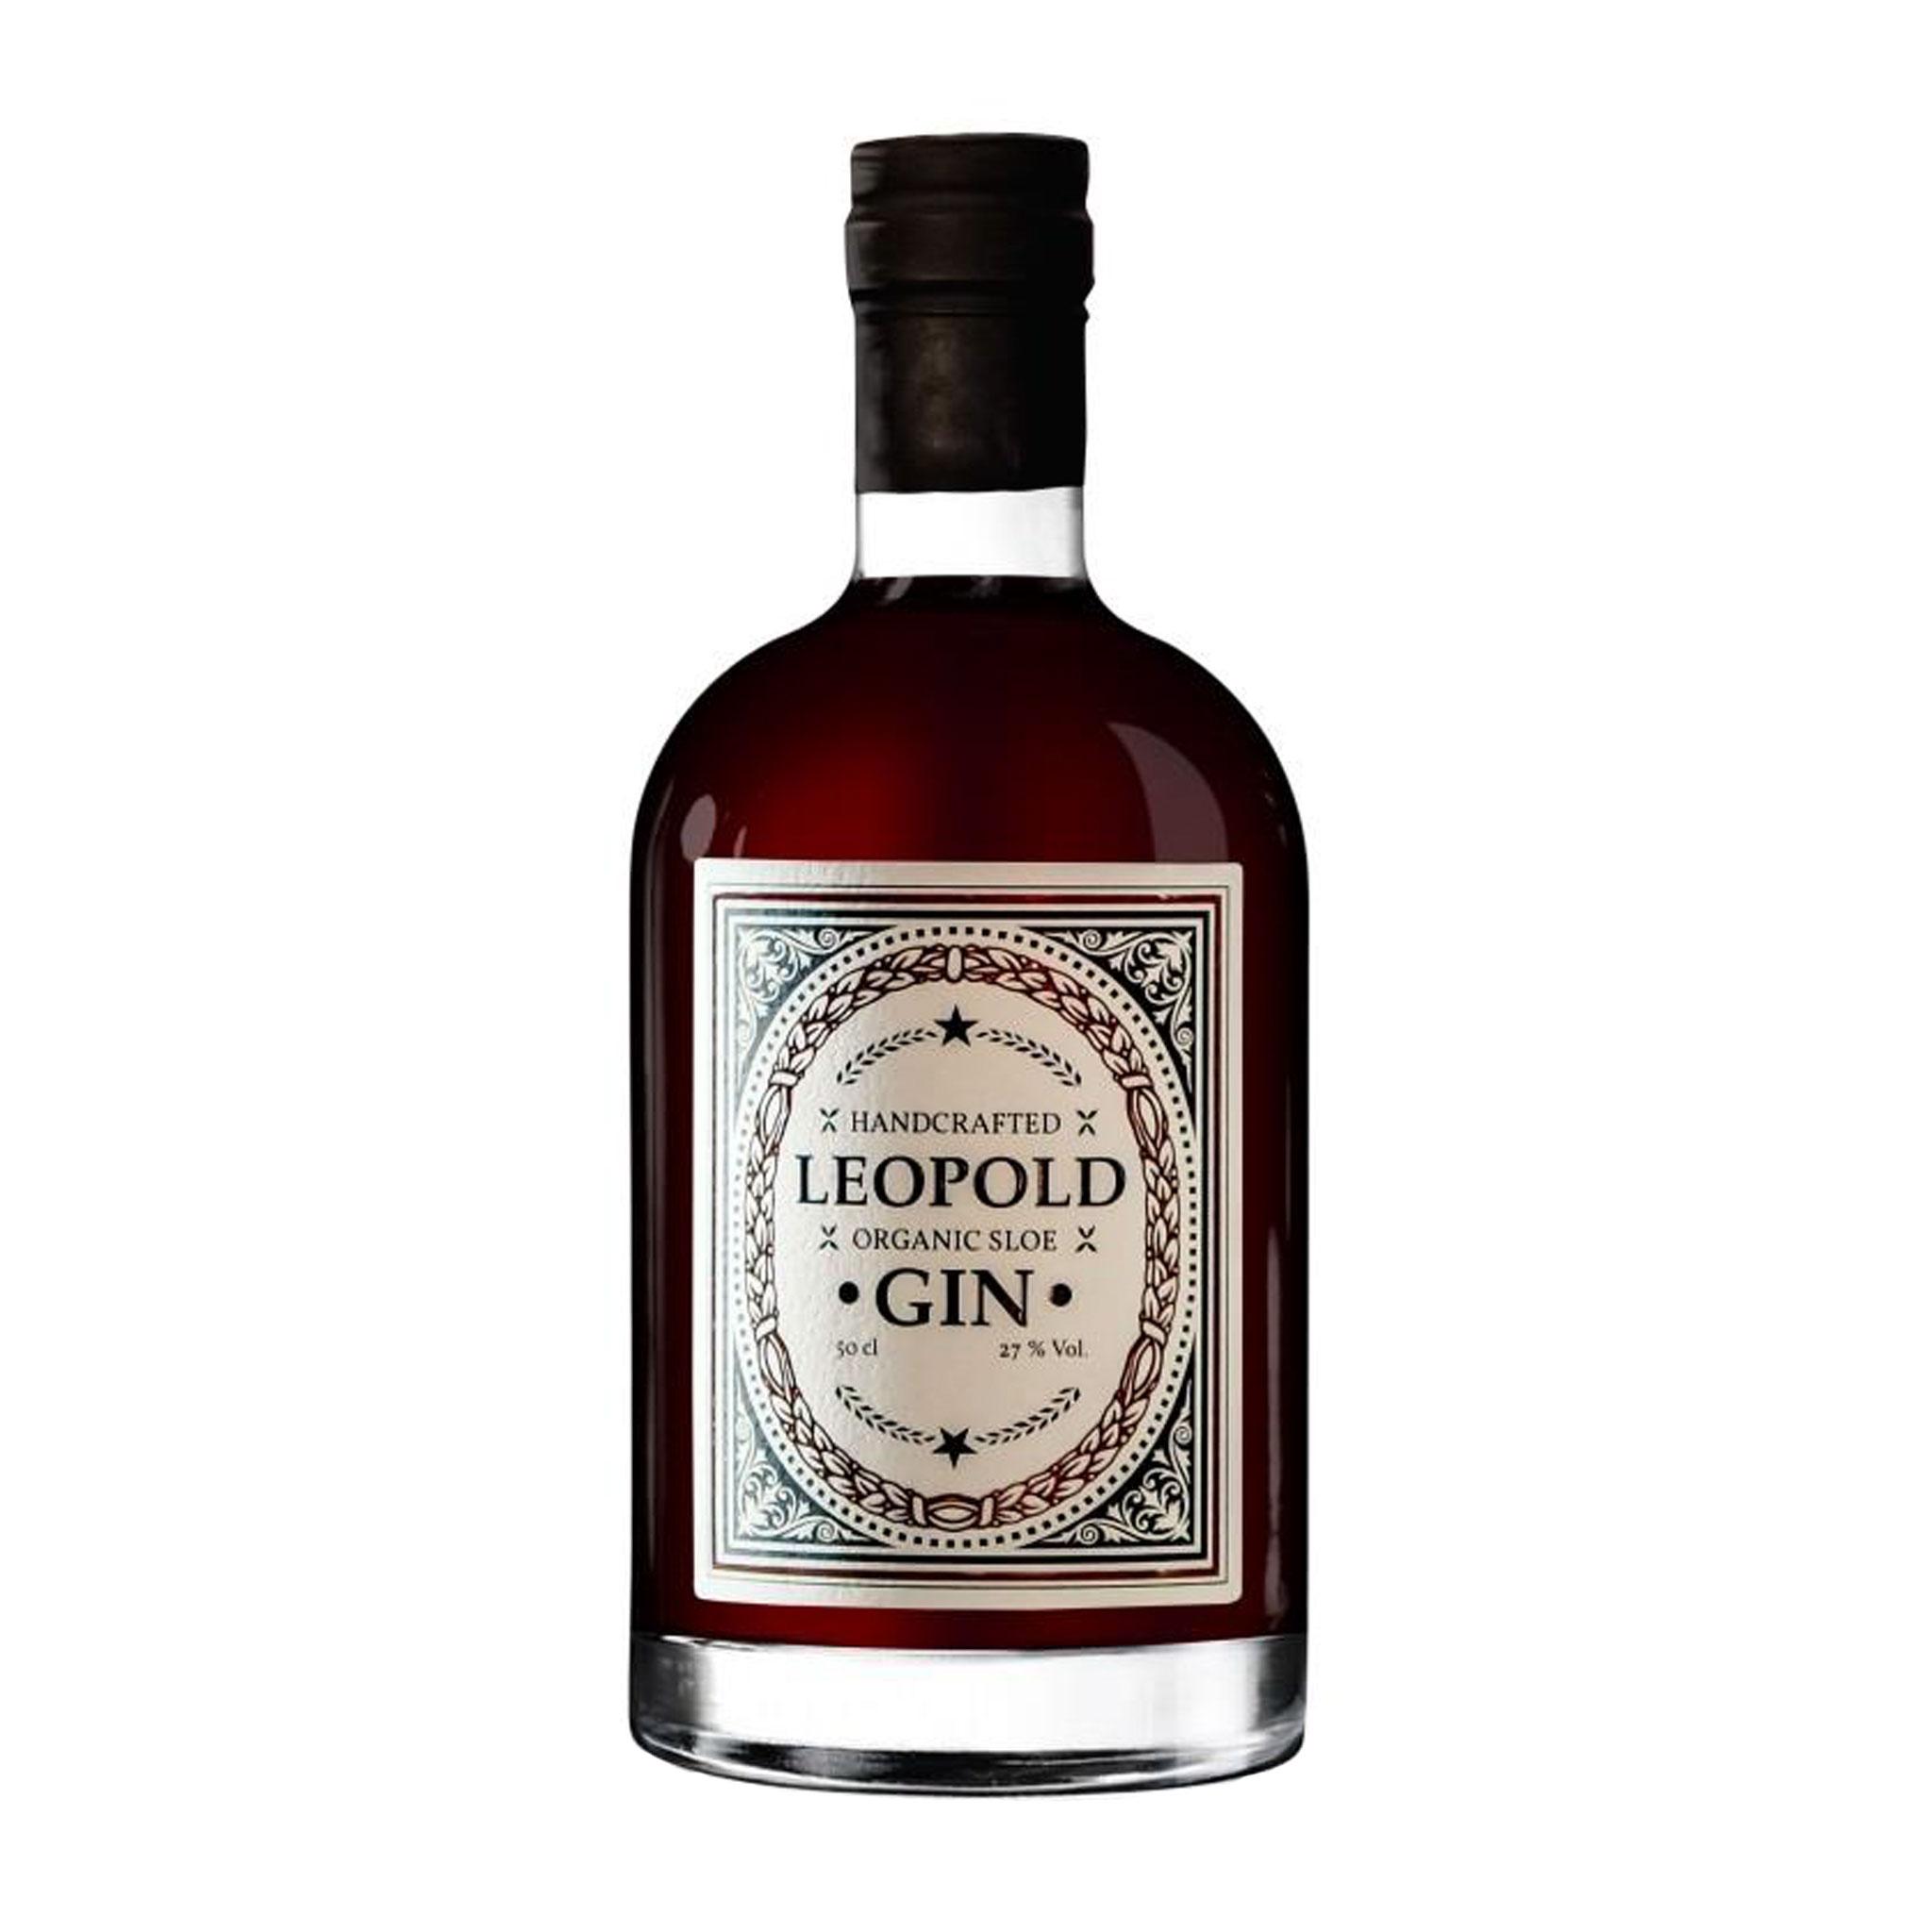 Leopold Organic Sloe Gin (500 ml) - Destillerie Farthofer